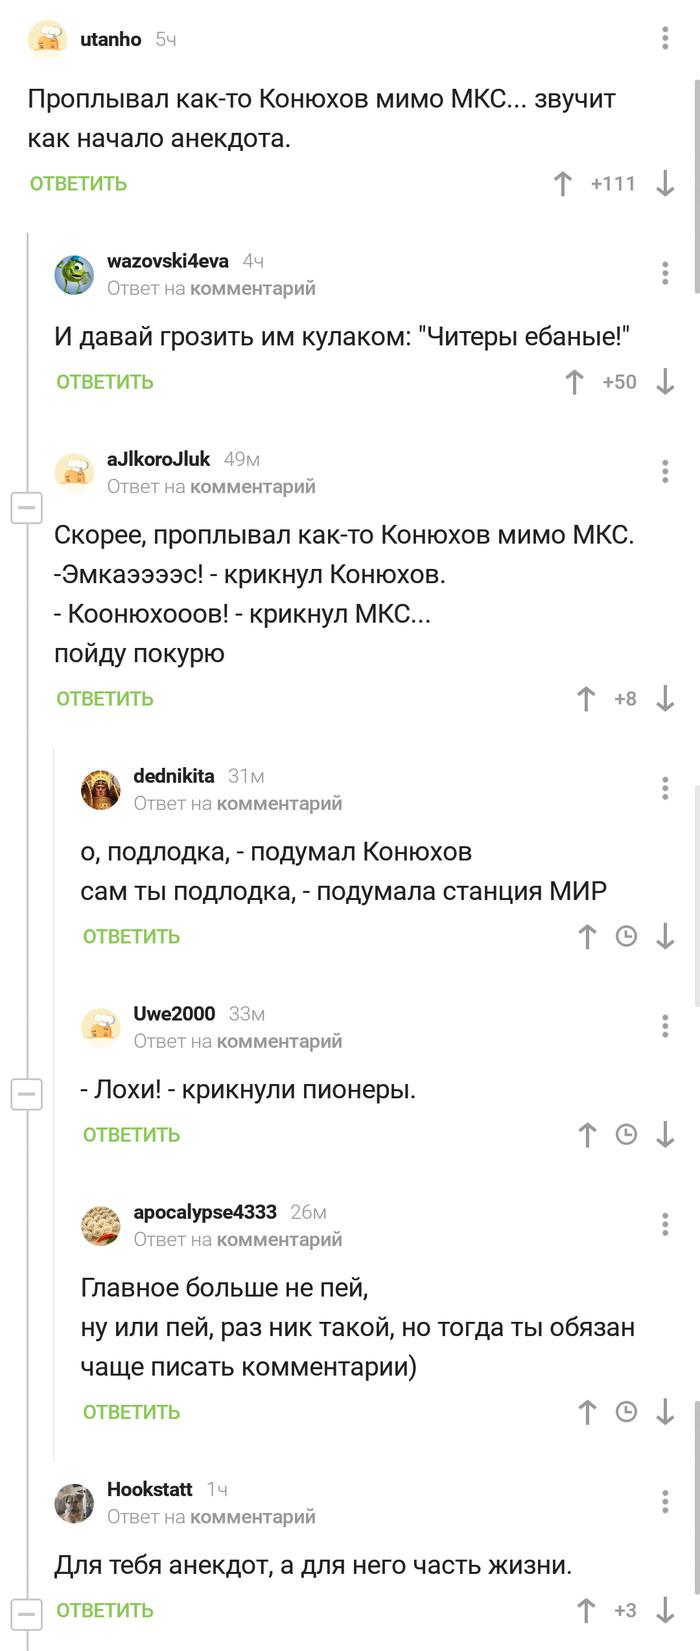 Конюхов и МКС Федор конюхов, МКС, Комментарии на Пикабу, Юмор, Комментарии, Длиннопост